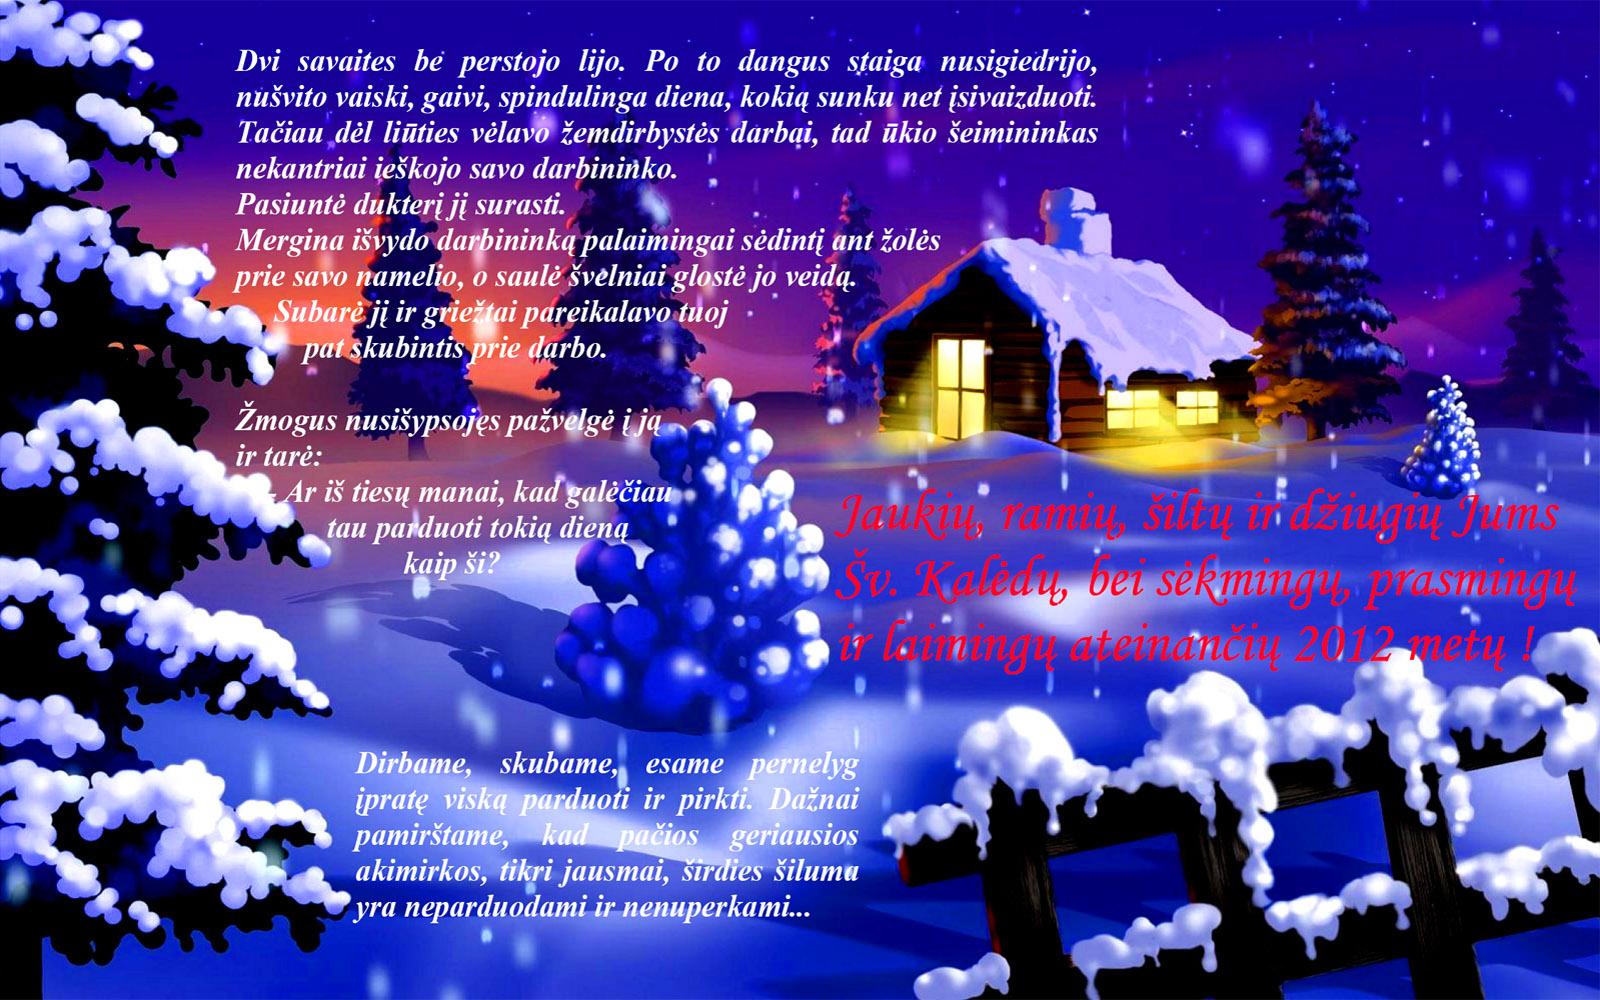 Merry Christmas Picture.Kalėdiniai Sveikinimai Merry Christmas